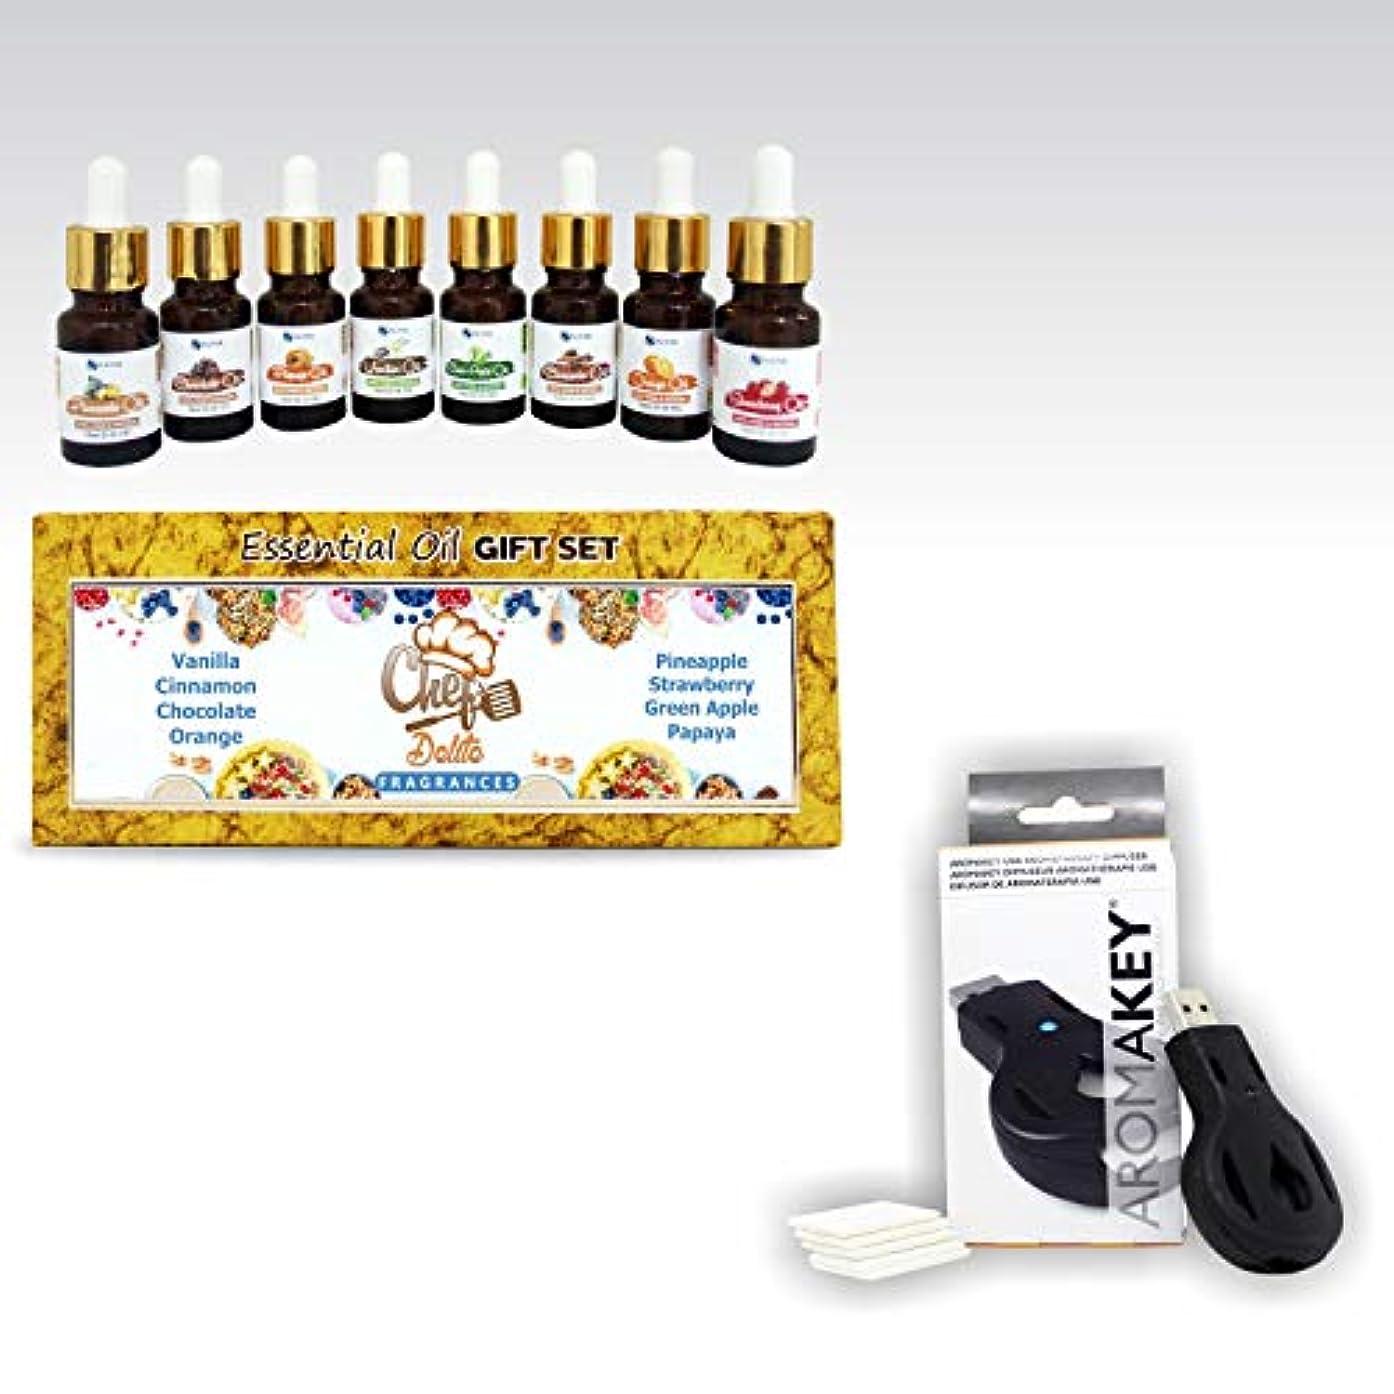 夜粘土メタリックAromatherapy Essential Oils - Chef's Delite (Pack of 8) 100% Pure & Natural Plus Aromakey USB Personal Diffuser...